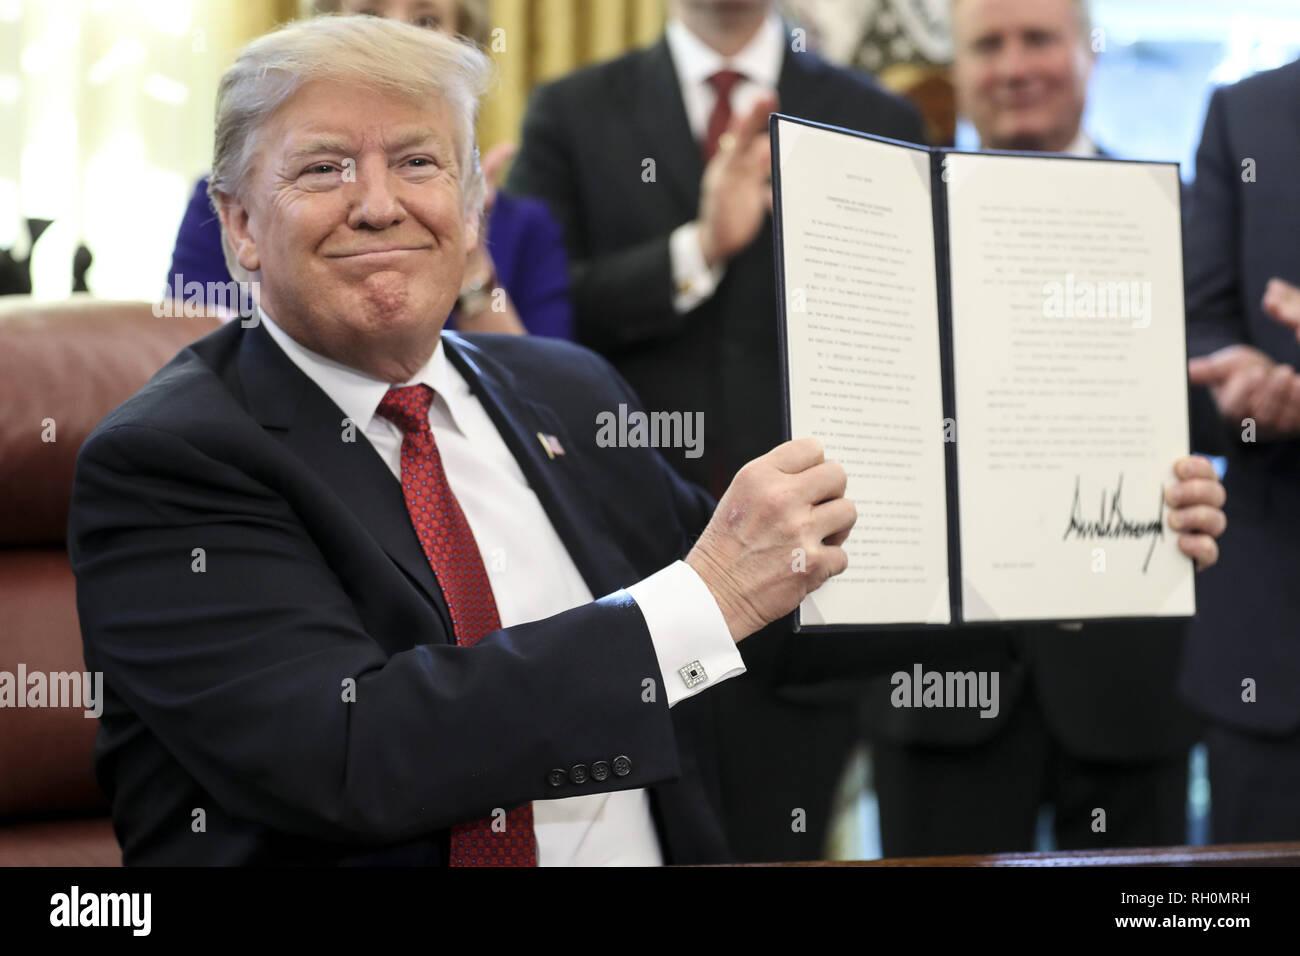 Washington, District de Columbia, Etats-Unis. Jan 31, 2019. Le Président des Etats-Unis, Donald J. Trump est titulaire d'un a signé le décret pour renforcer l'Administration d'Atout ''La politique Buy American'' en encourageant des bénéficiaires d'une aide financière fédérale pour l'infrastructure à ''Buy American'' dans le bureau ovale de la Maison Blanche le 31 janvier 2019 à Washington, DC. Credit: Oliver Contreras/Piscine via CNP Crédit: Oliver Contreras/CNP/ZUMA/Alamy Fil Live News Photo Stock